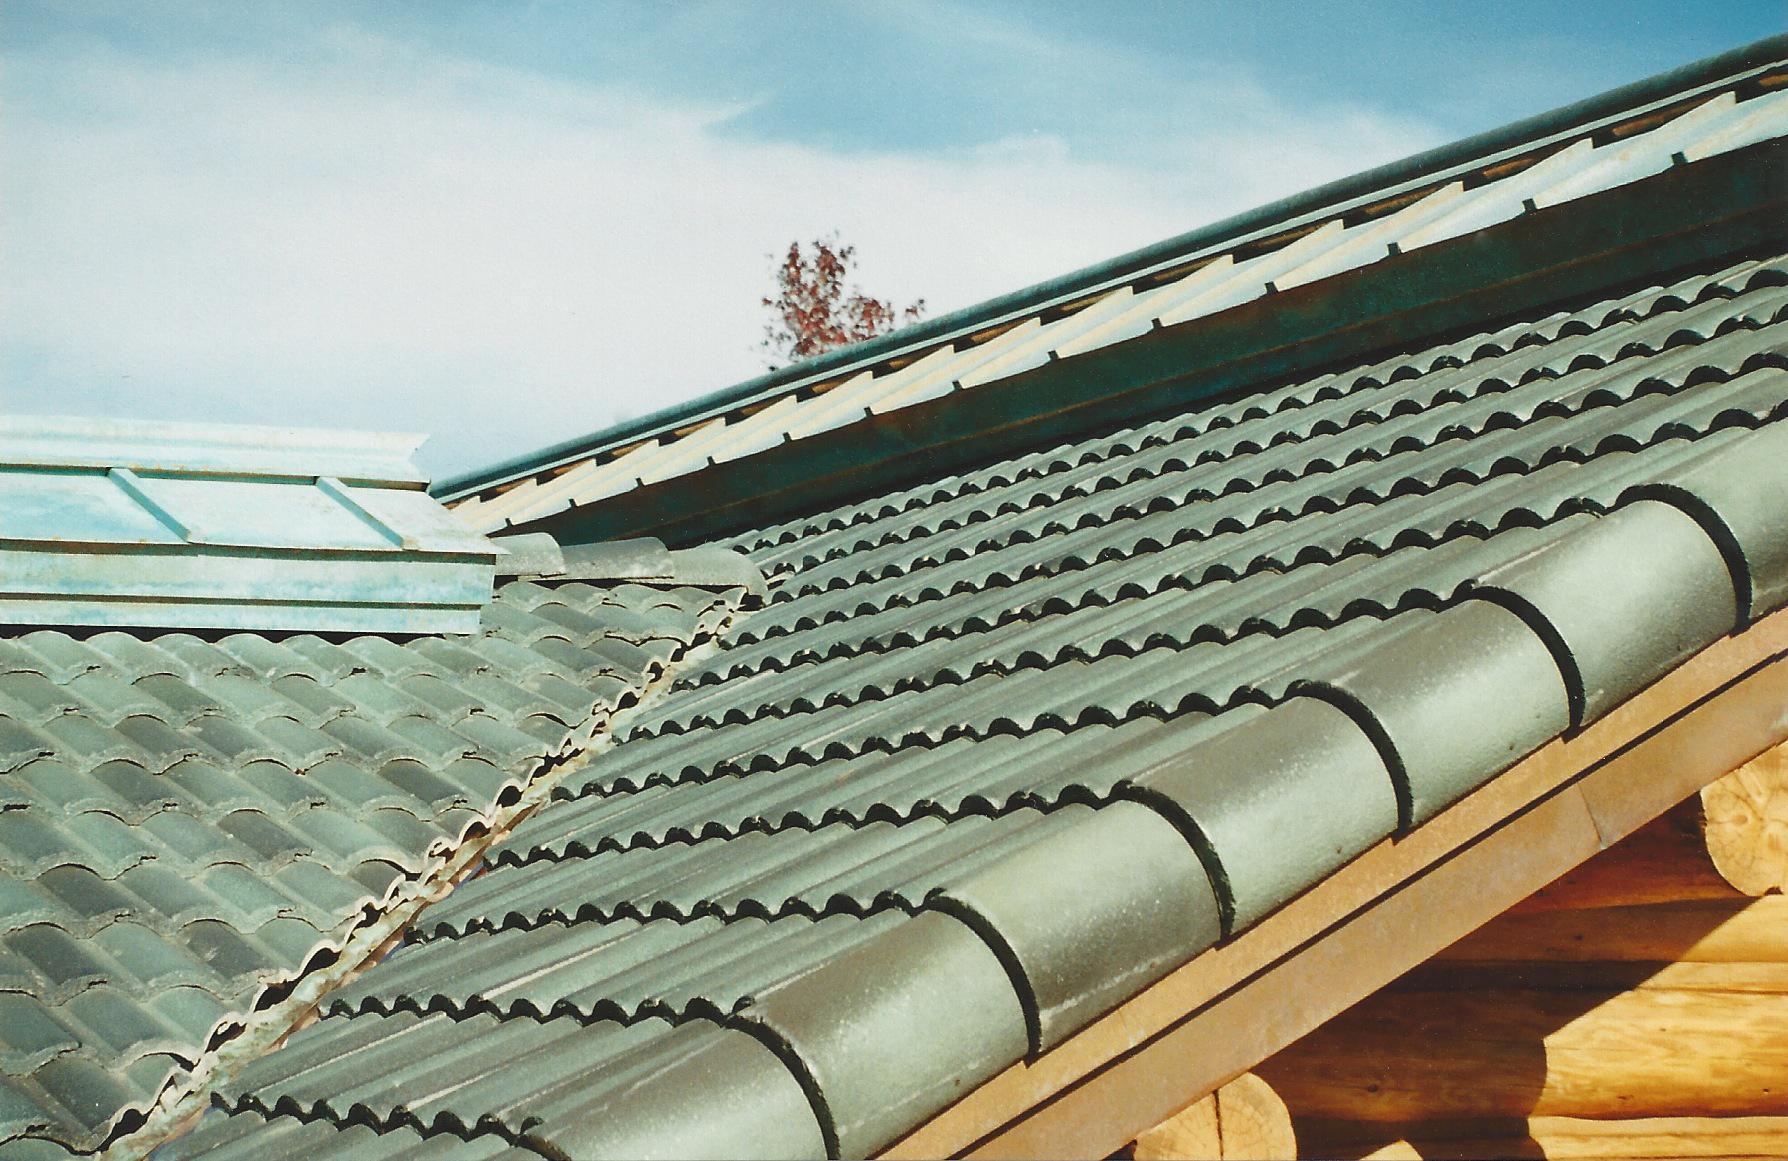 Nationwide Slates Concrete Tile Nationwide Slate - Concrete sheets for tile